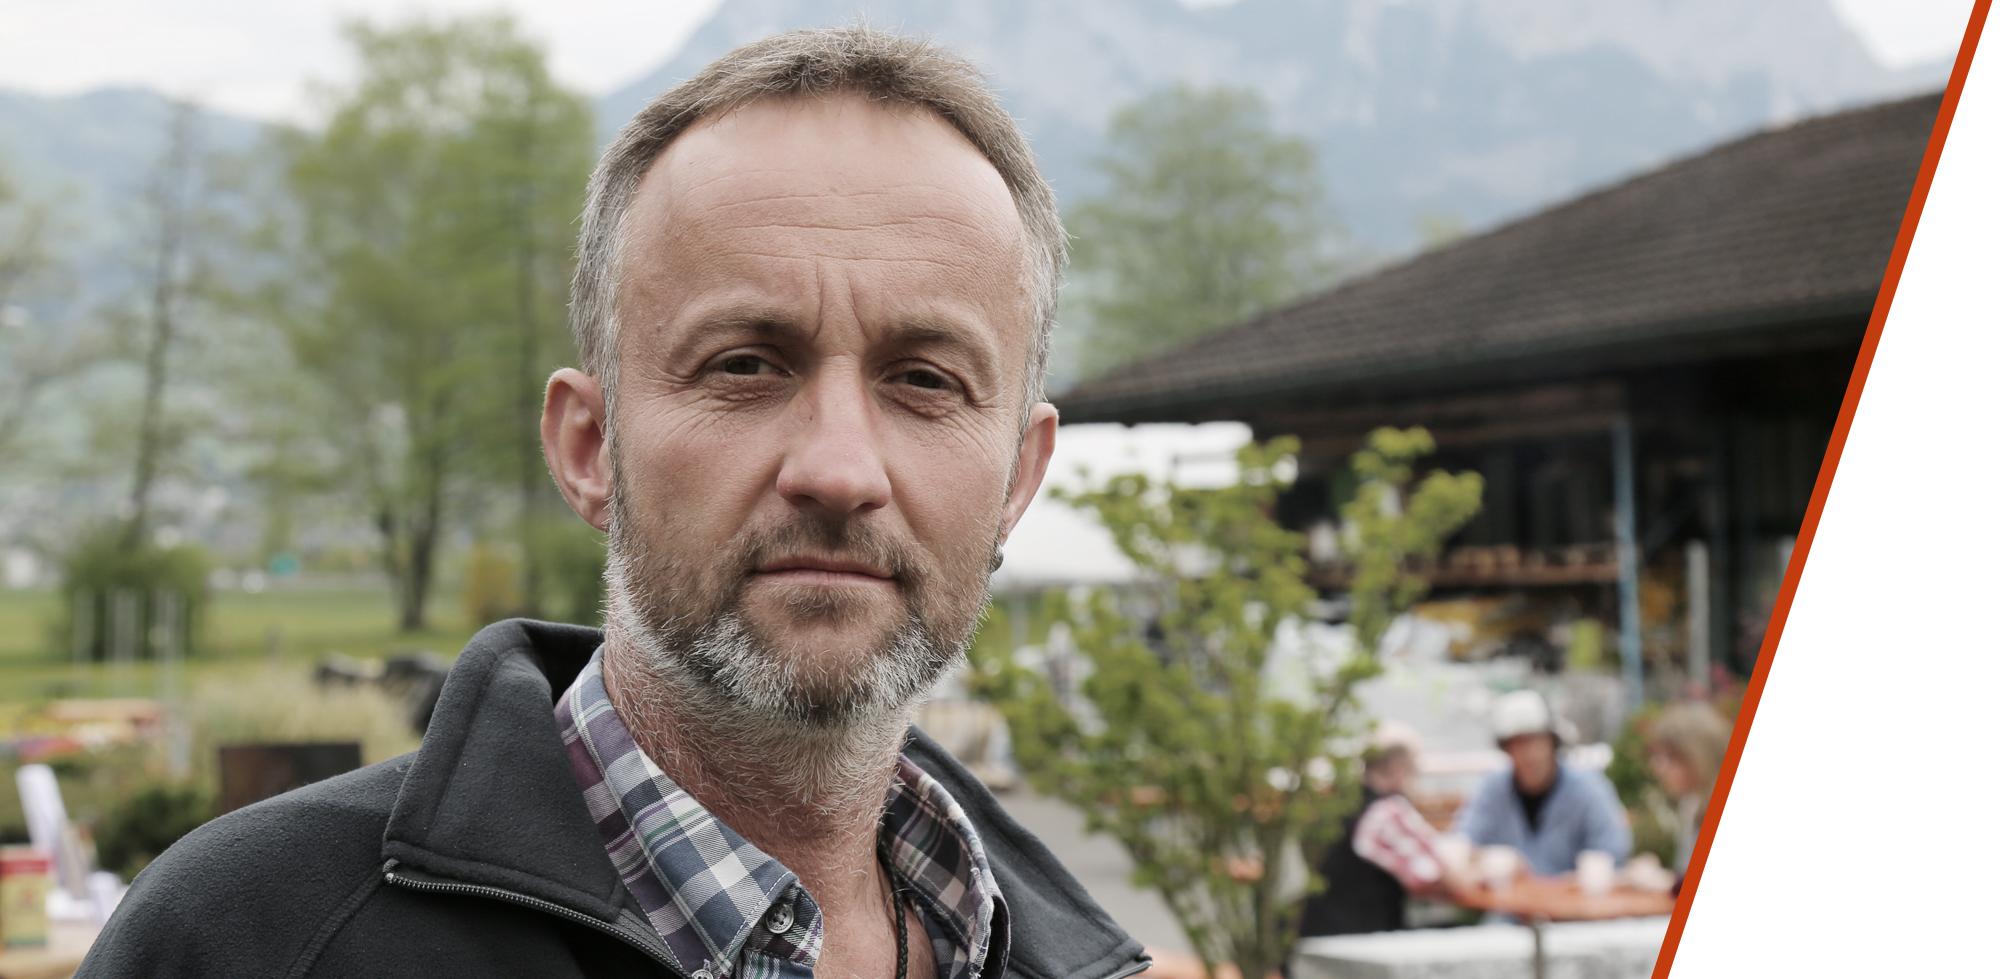 Daniel Allemann